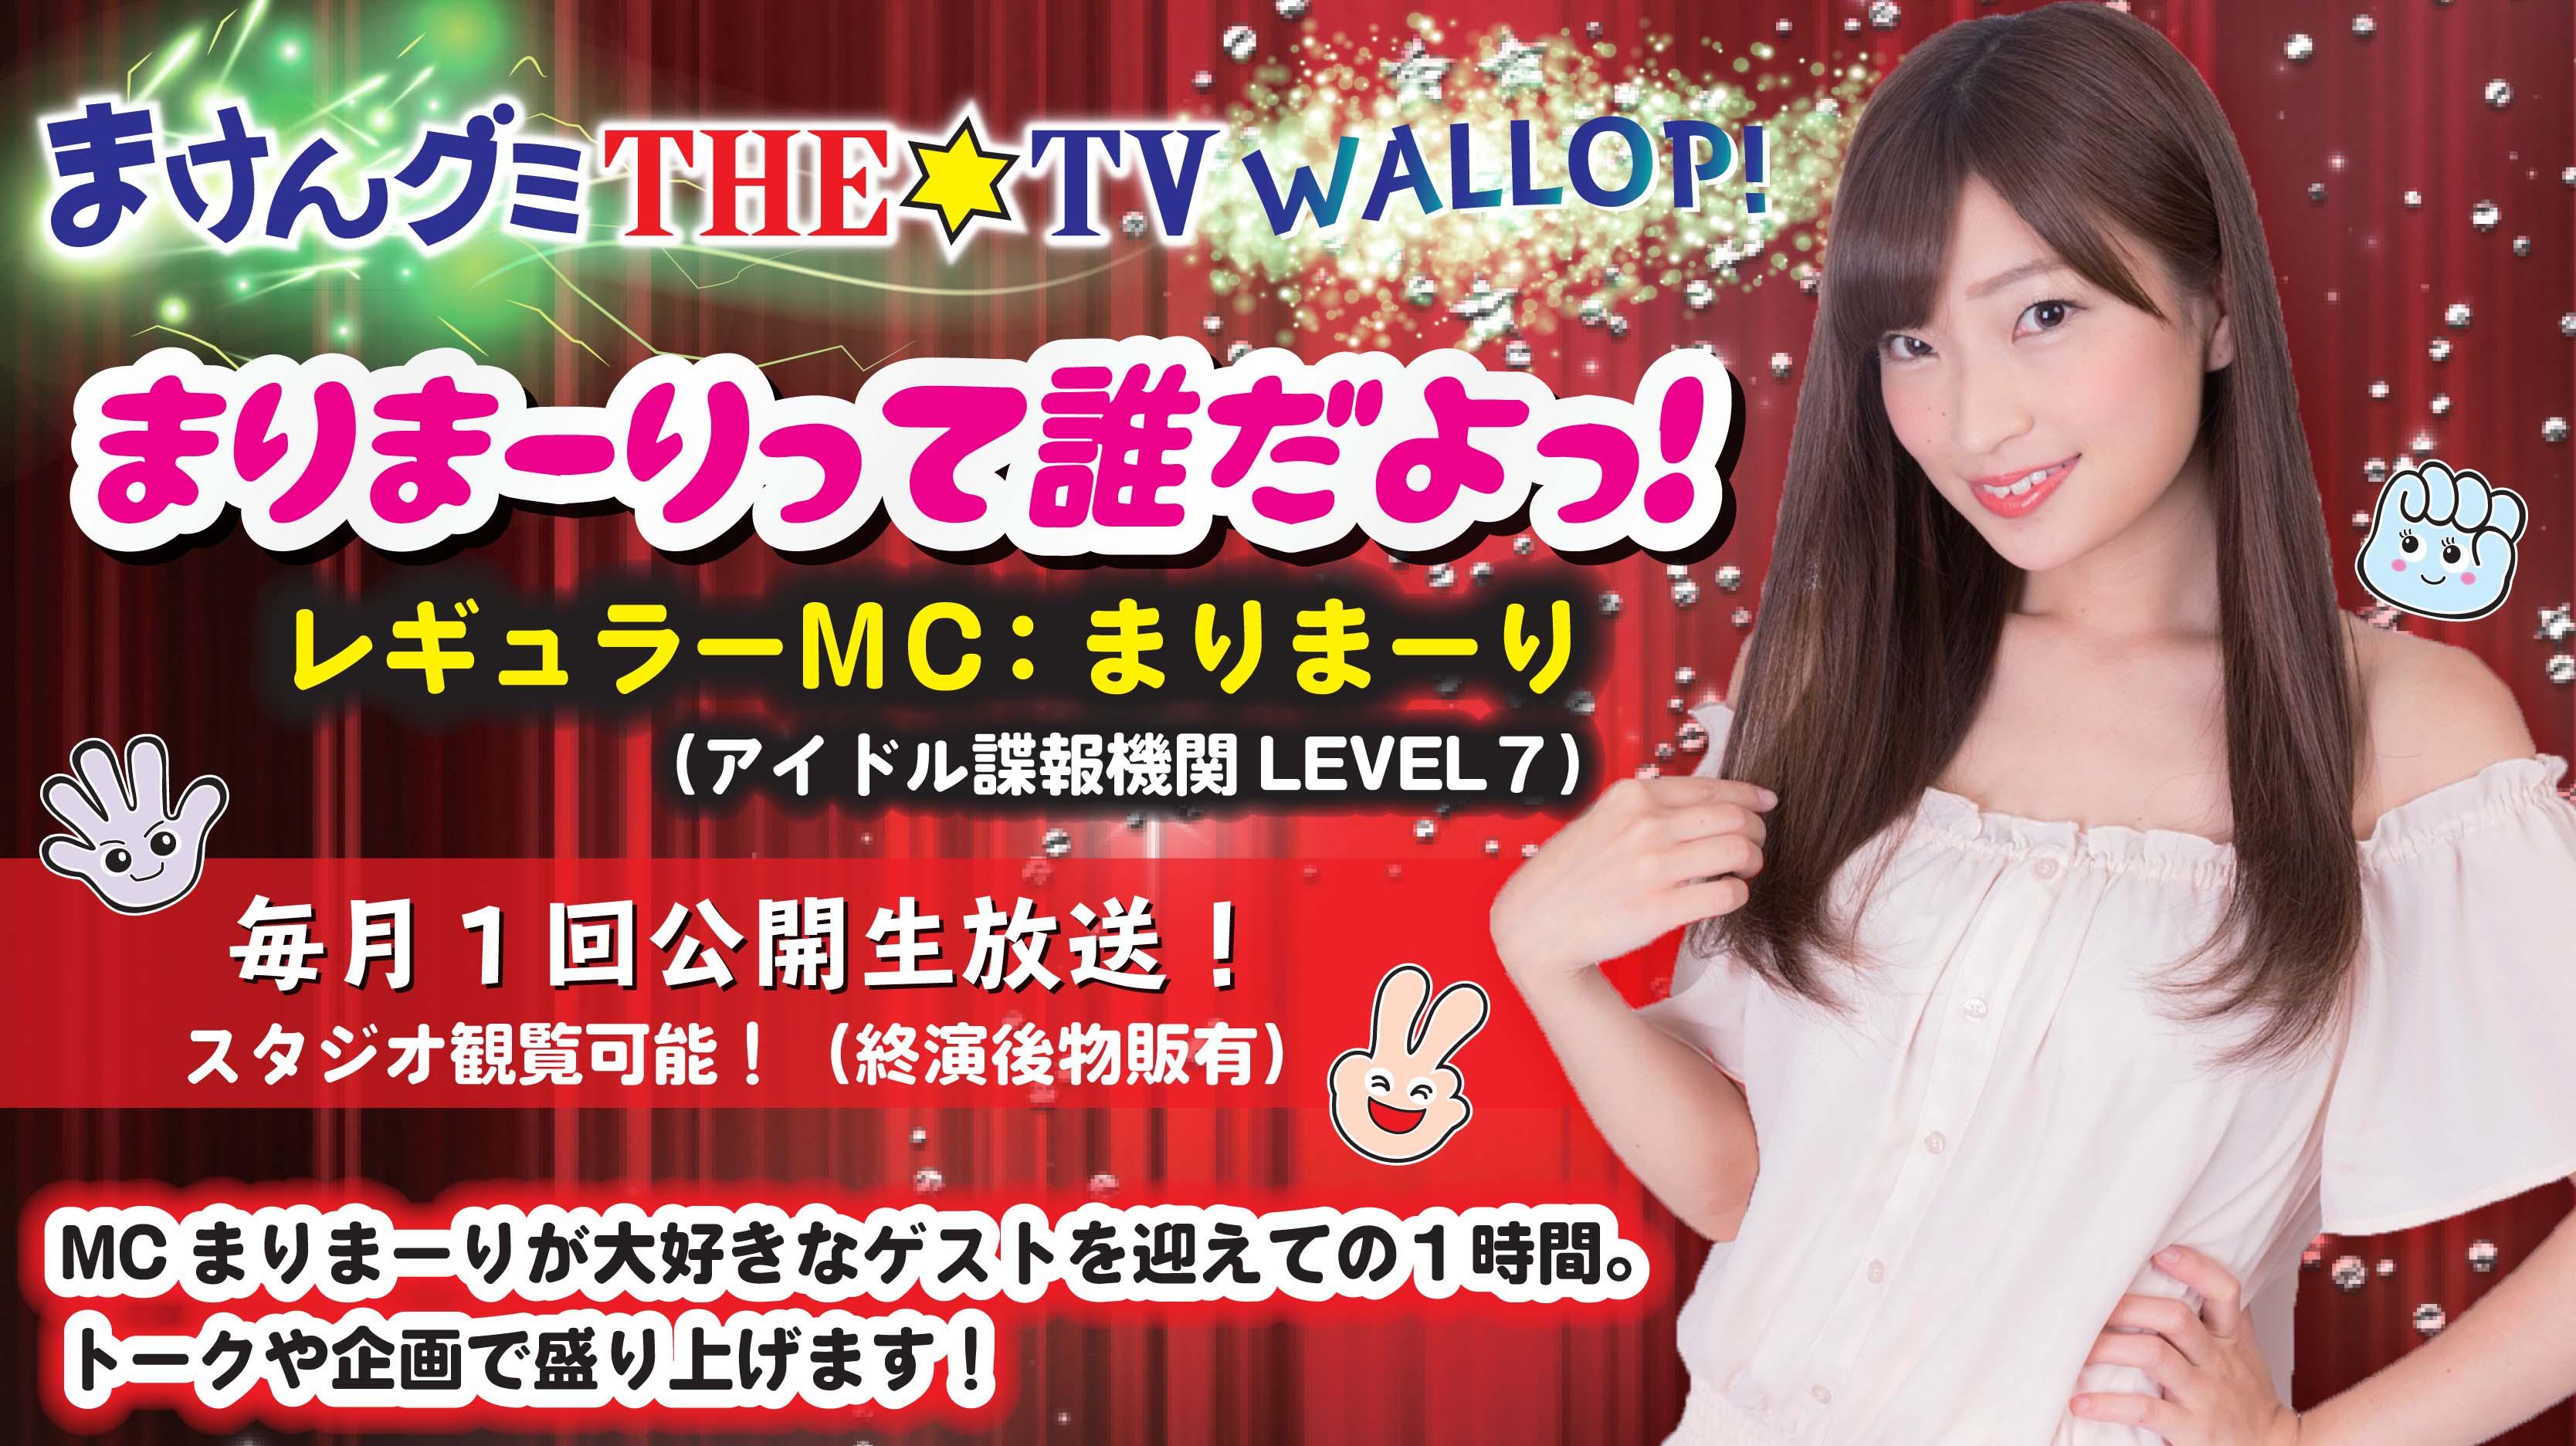 まけんグミTHE☆TV WALLOP 『まりまーりって誰だよっ!』